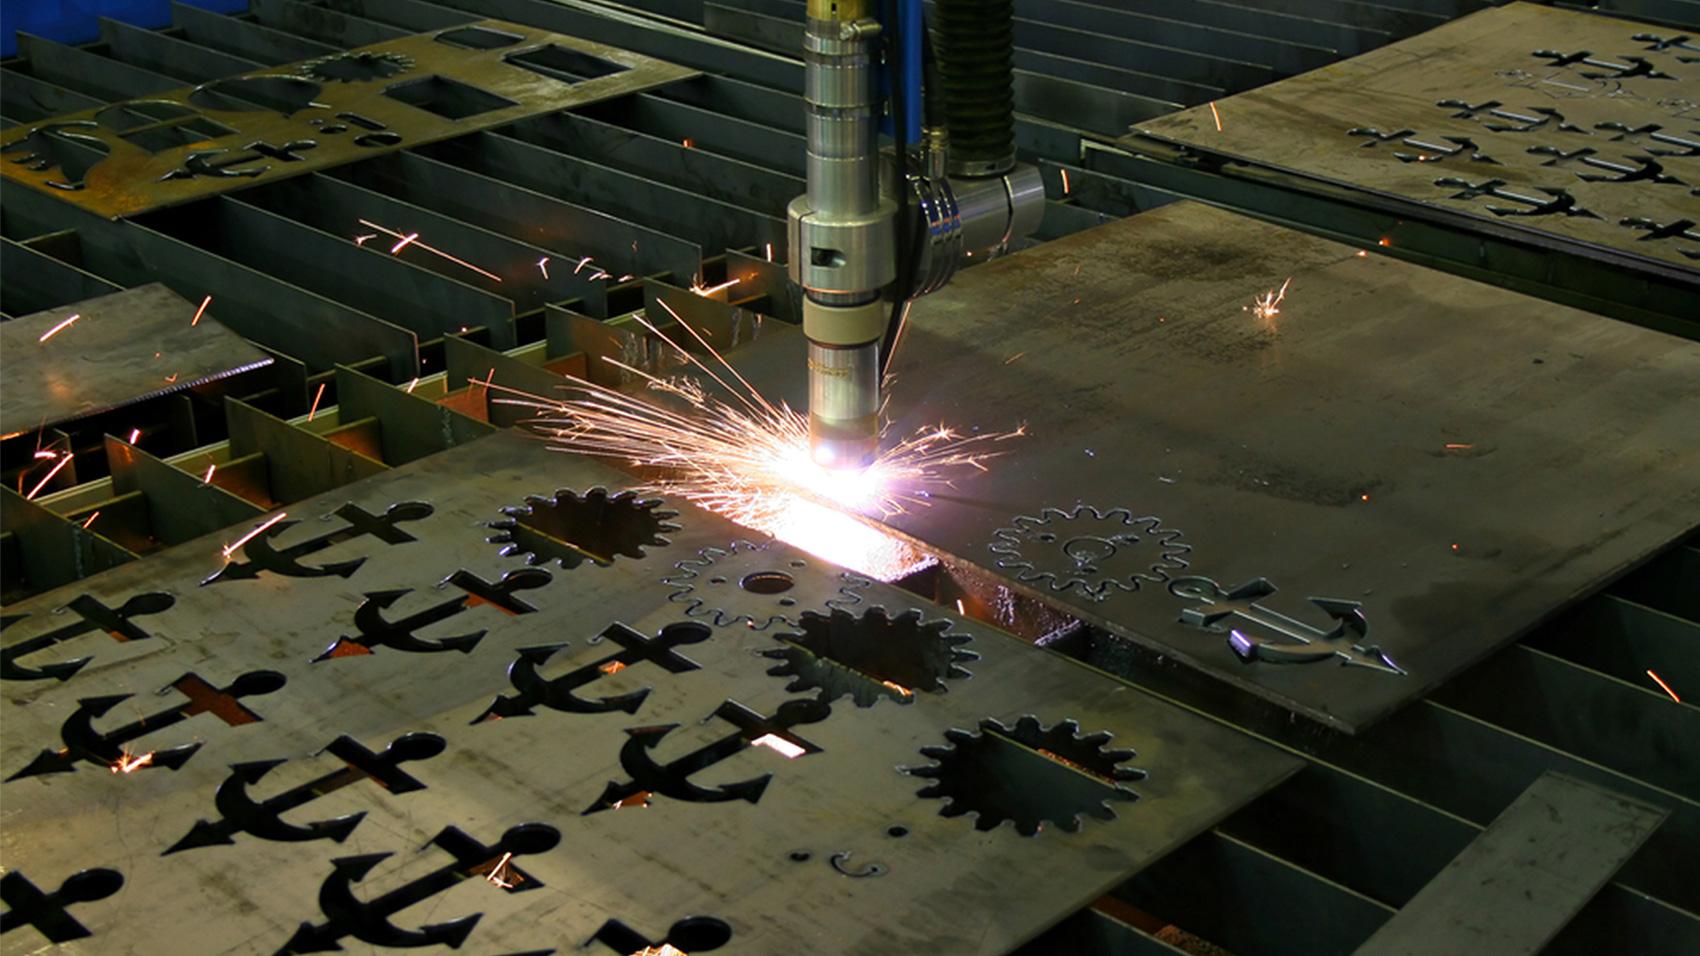 Раскрой металла - плюсы и минусы современных способов